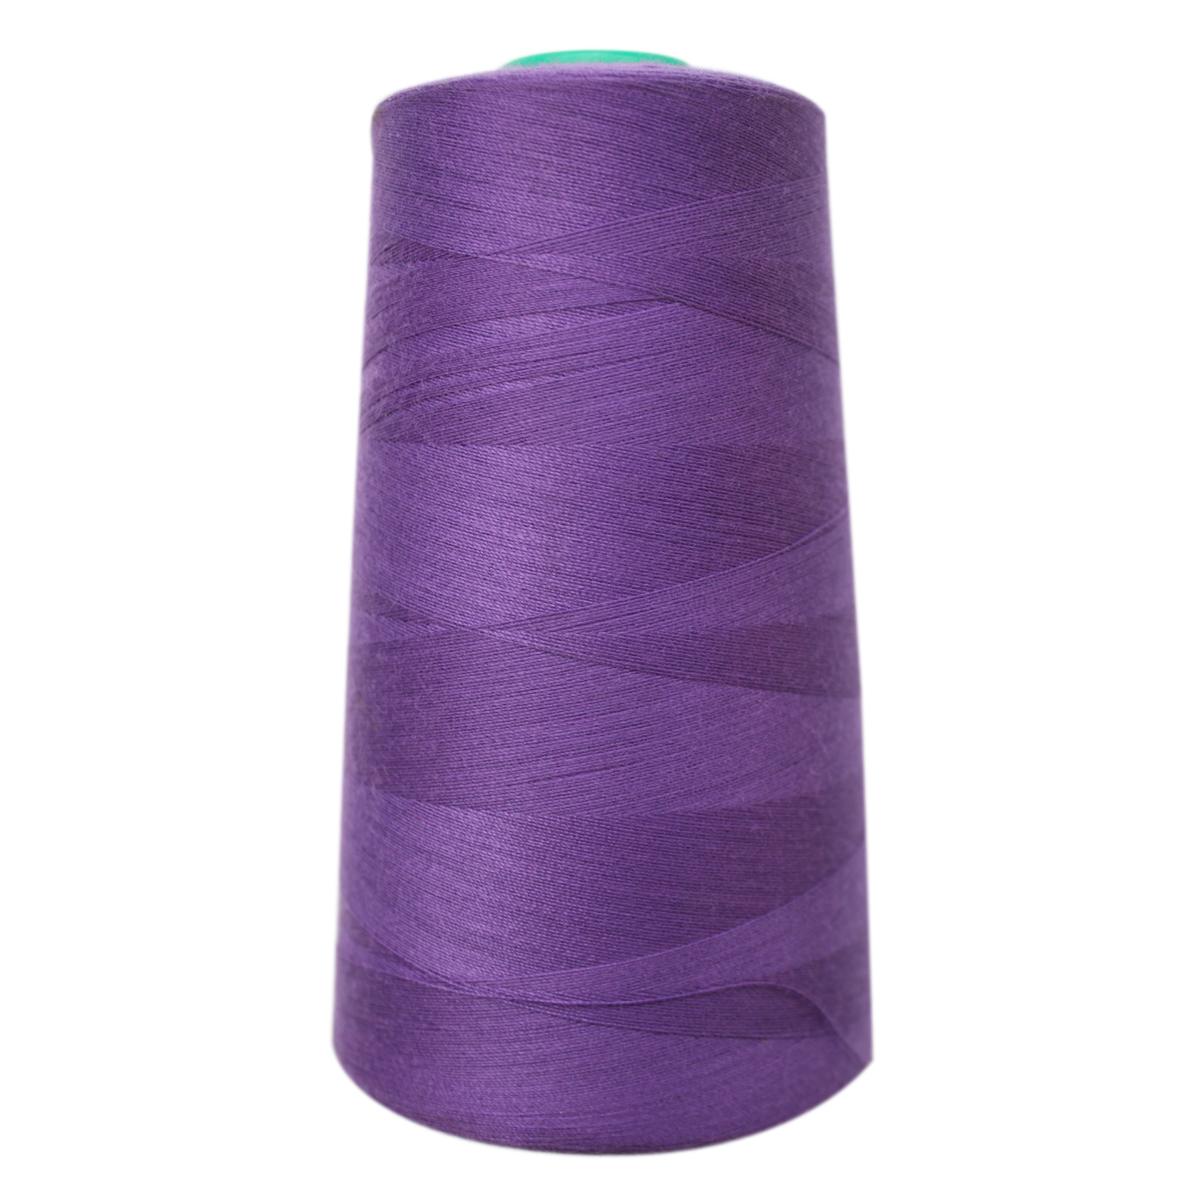 """Нитки для шитья """"Bestex"""", цвет: светло-фиолетовый (101), 50/2, 5000 ярдов"""